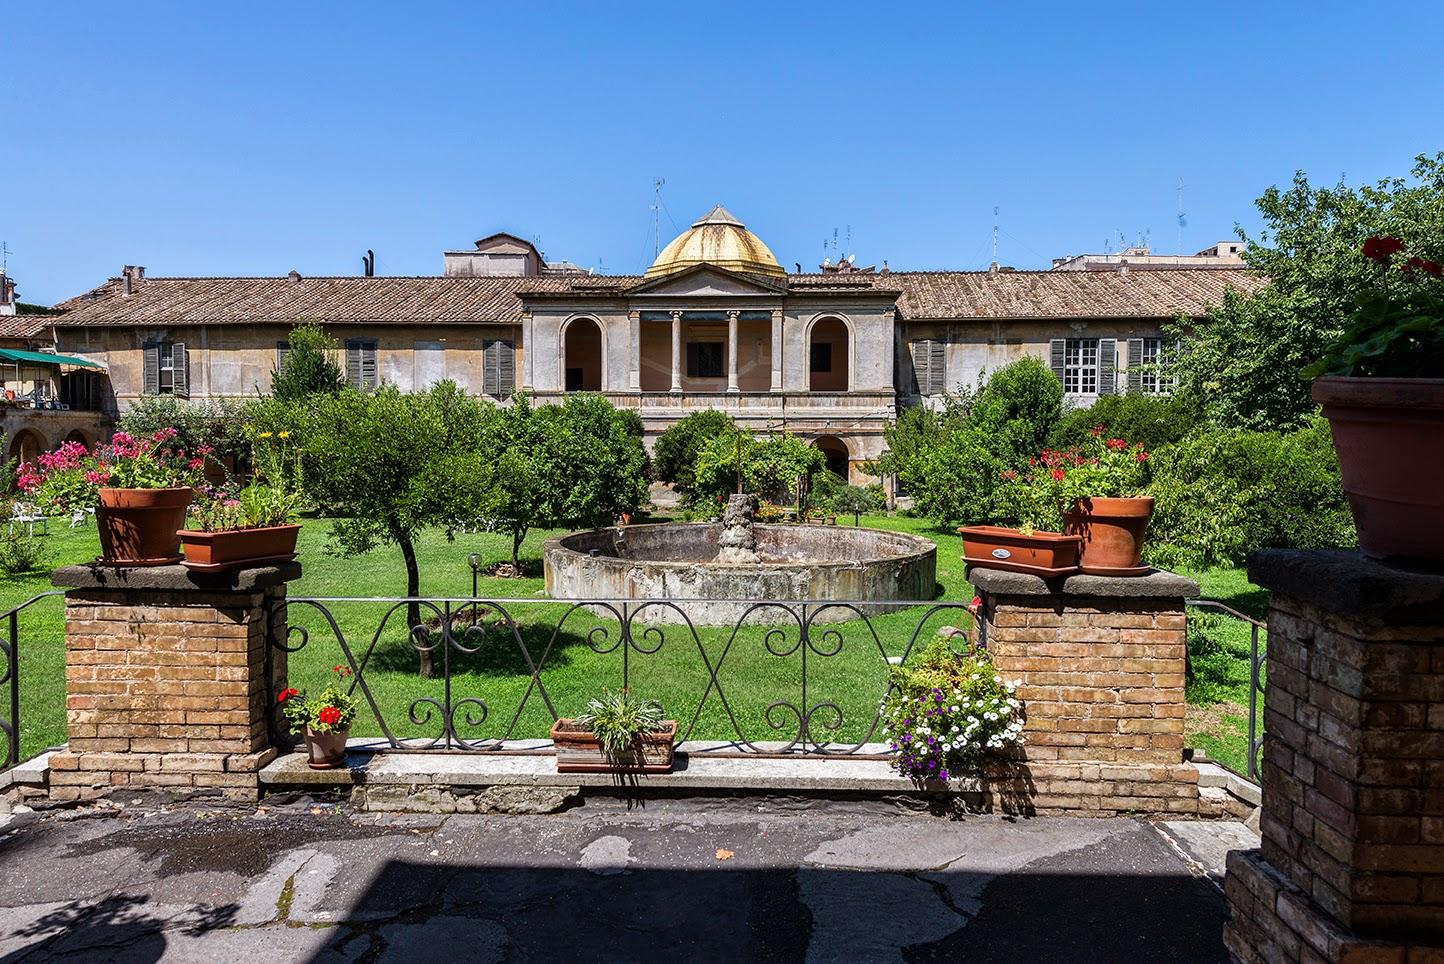 Castello di torcrescenza giardini da sogno alle porte di roma